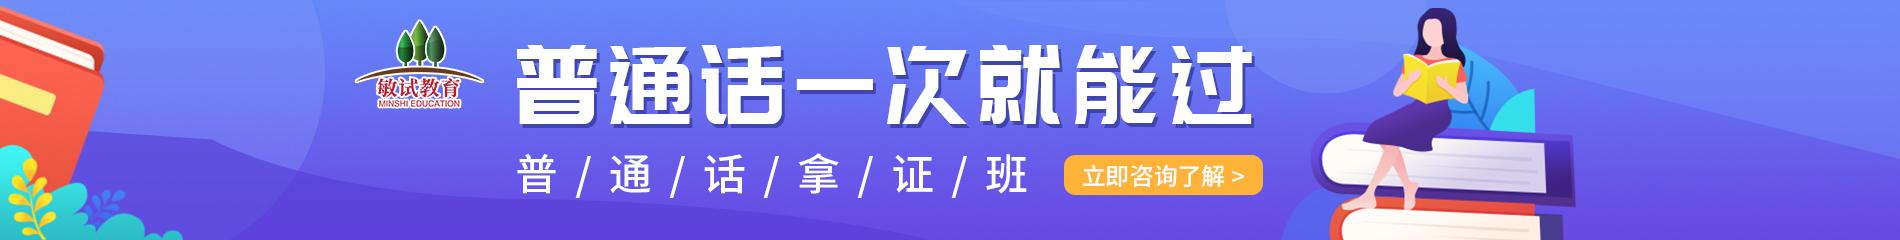 敏试教育-江西省教师招聘考试为考生提供普通话培训班